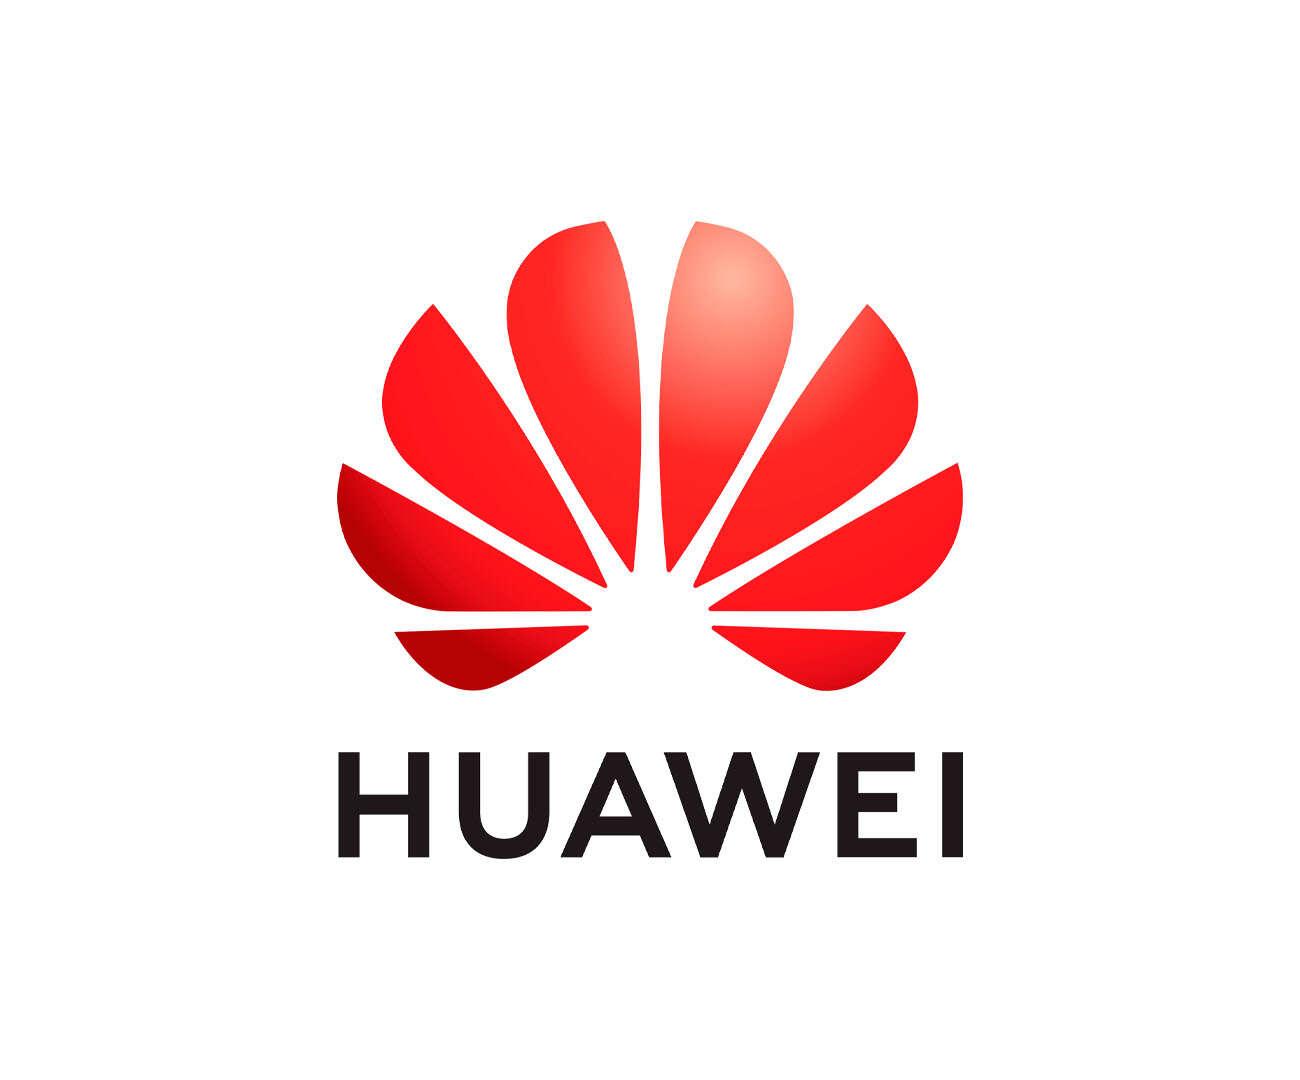 Huawei zmierzy Ci temperaturę